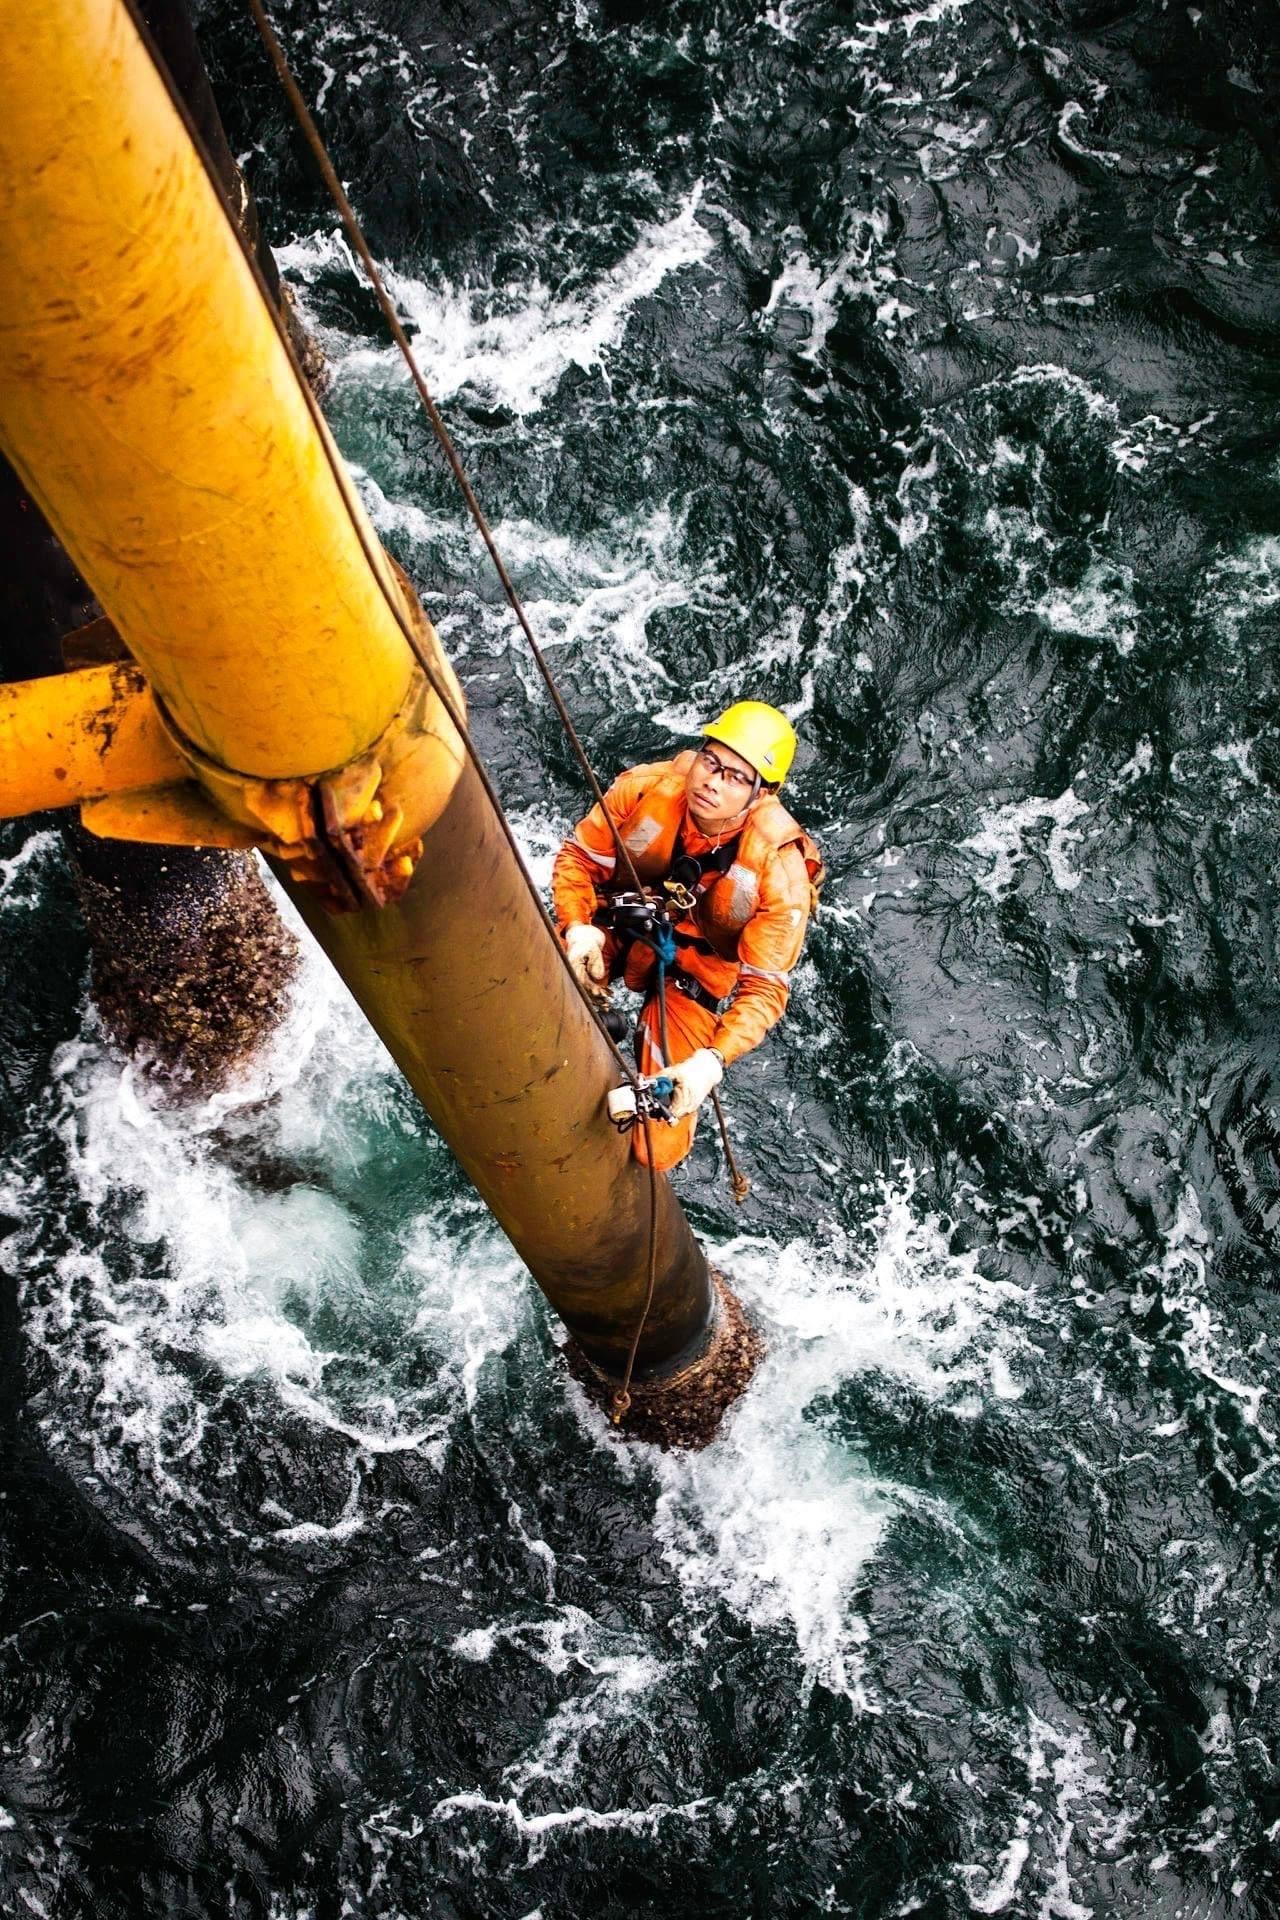 Dự báo giá dầu: thị trường dầu không đột biến